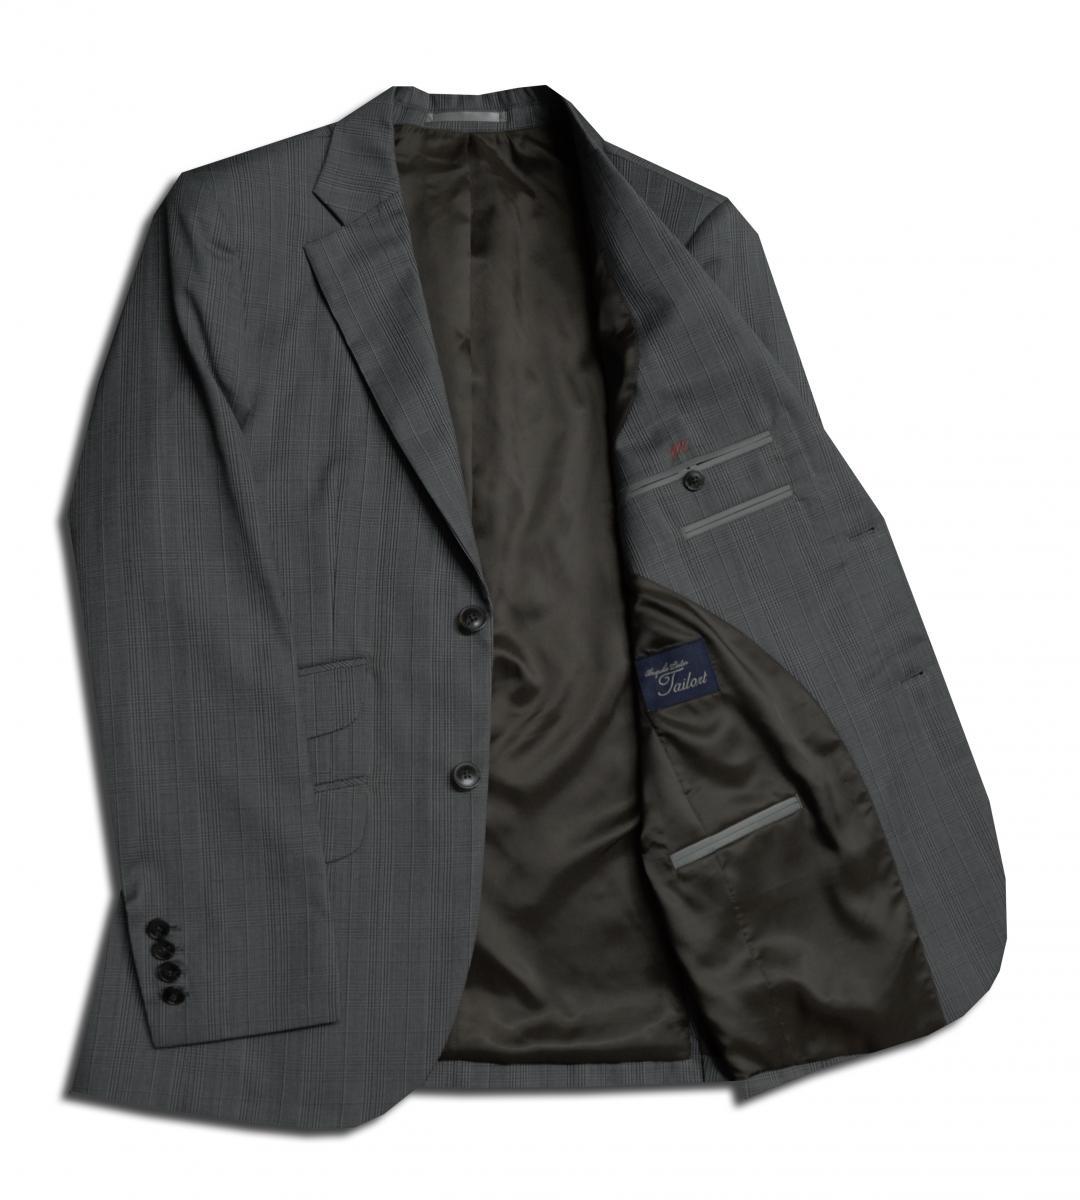 [オーダースーツ]落ち着いたチェック柄が印象的な一着